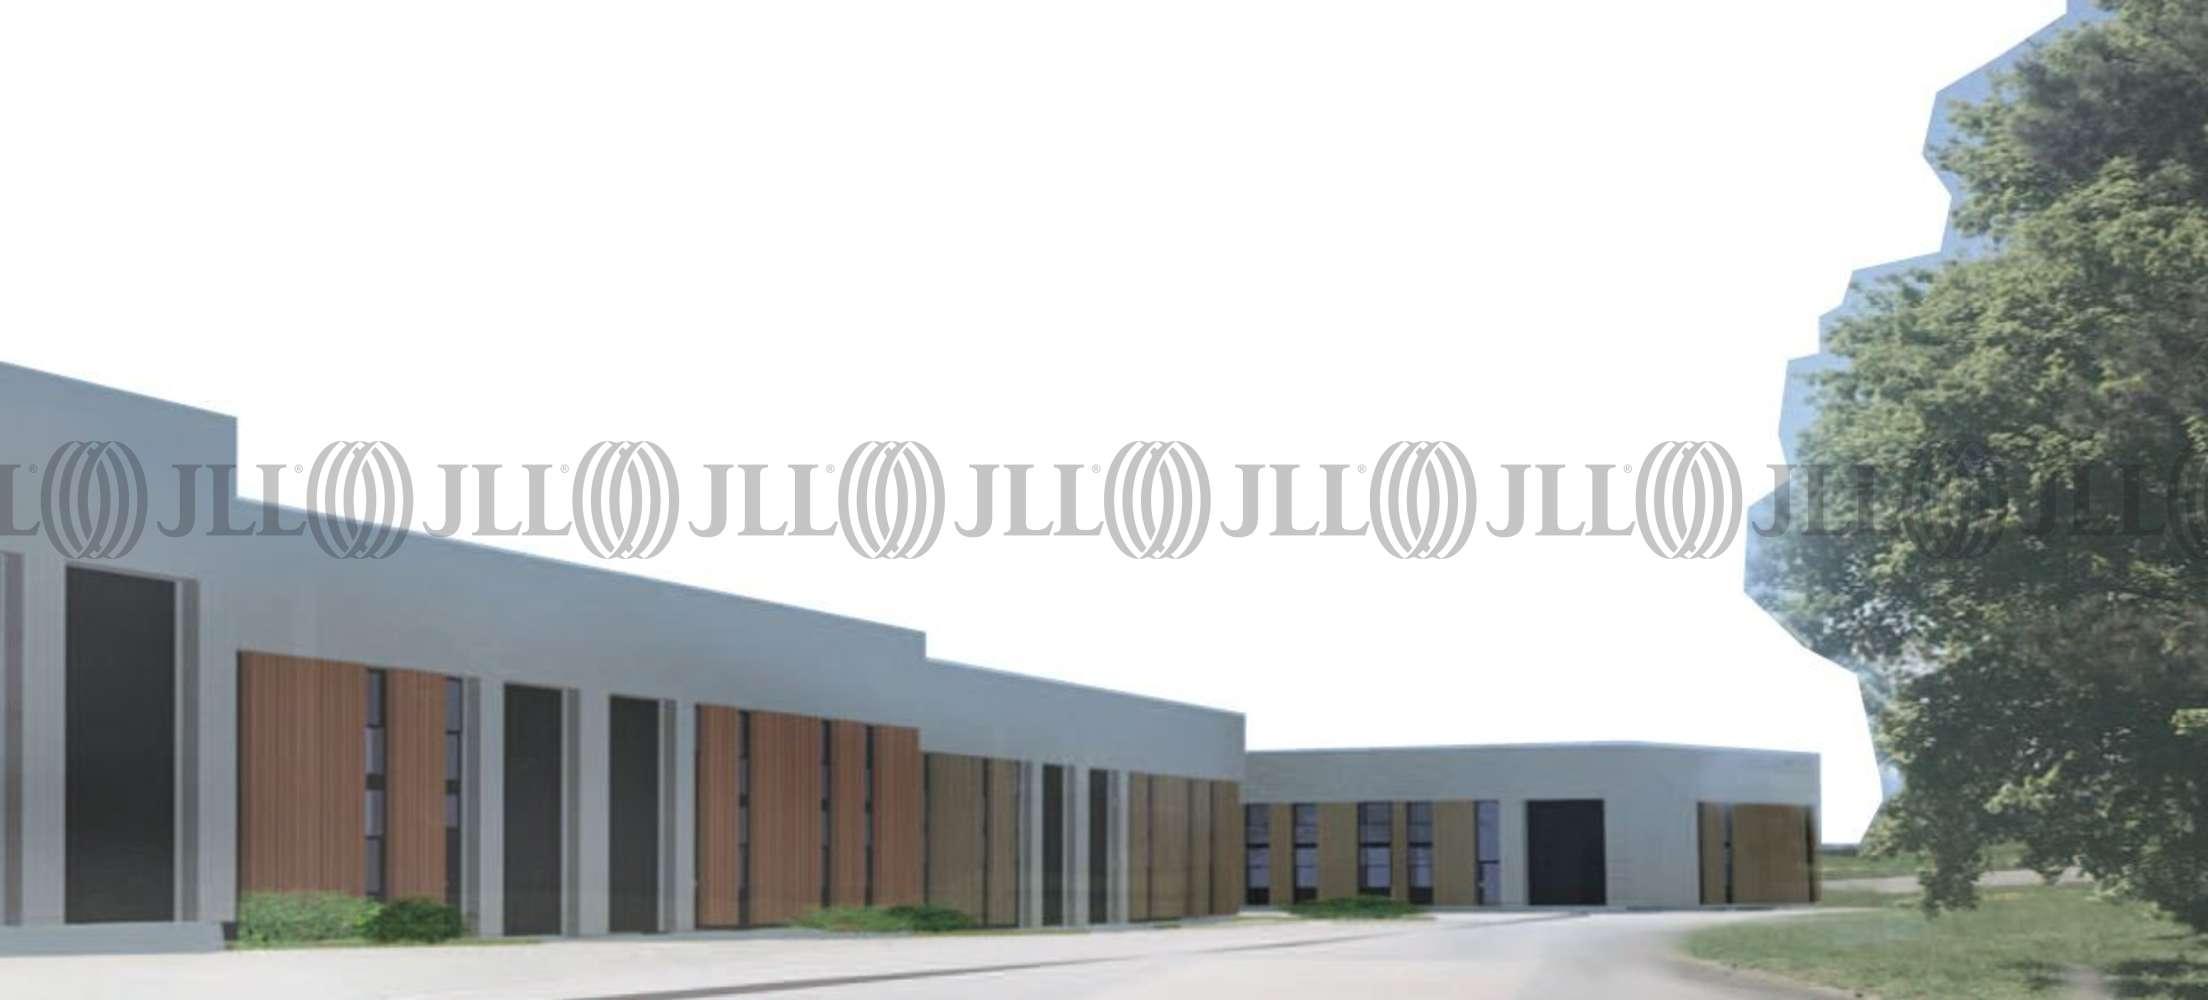 Activités/entrepôt Reims, 51100 - BUSINESS PARC FARMAN